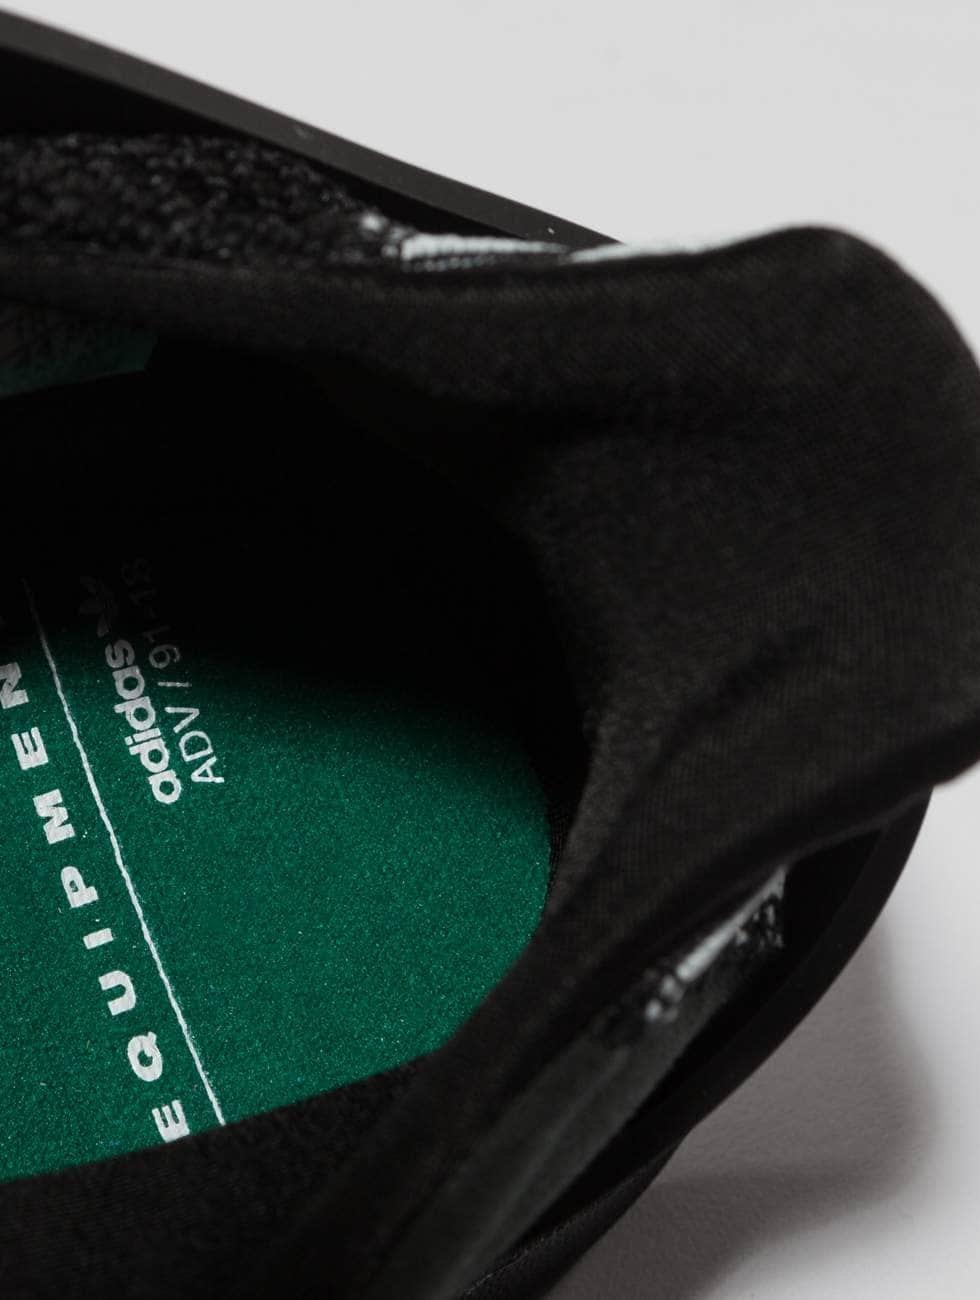 adidas originals schoen / sneaker Eqt Bask Adv in zwart 436491 Goedkope Koop Wiki Nieuwste Collecties Online Verkoop Geweldige Prijs Kopen Goedkope Groothandelsprijs Goedkope Koop Klaring Winkel Fwi9II